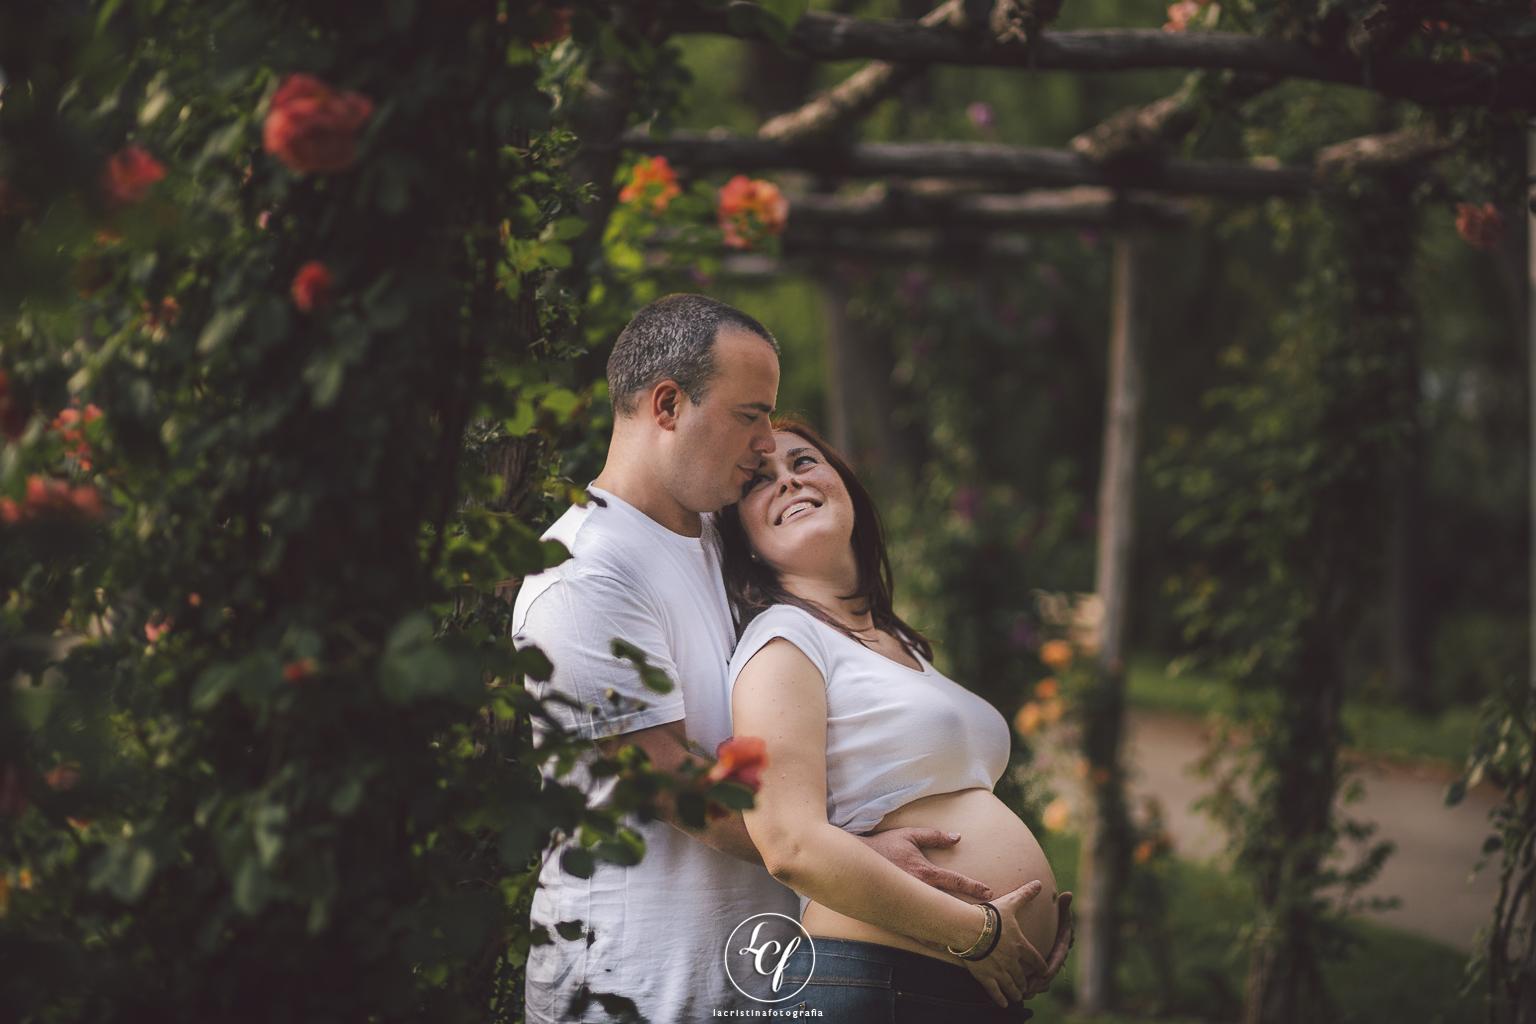 fotografía embarazada :: fotógrafo de embarazo :: fotógrafo embarazada barcelona :: fotografía familiar :: parque de cervantes